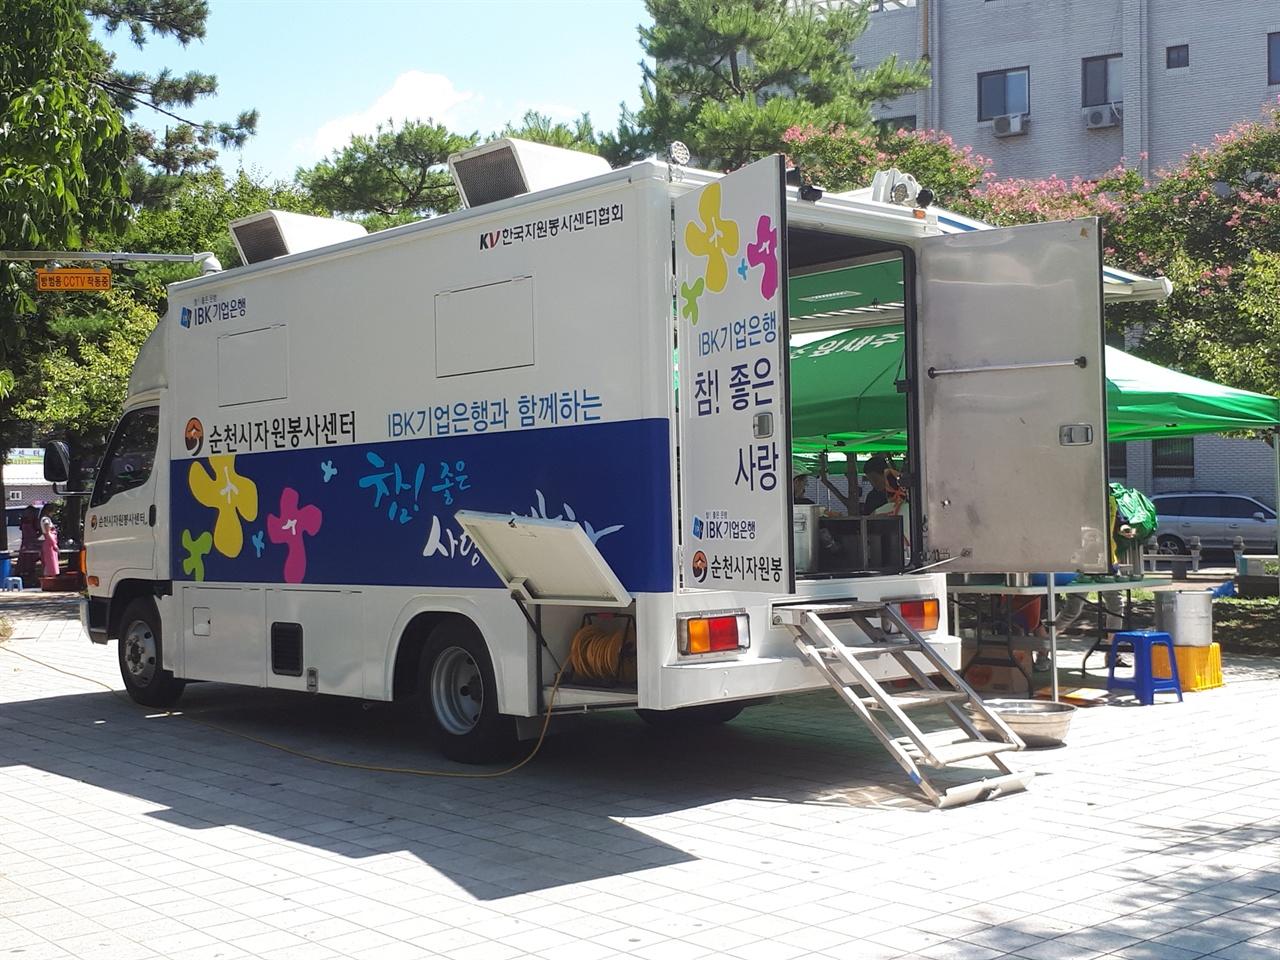 사랑의 밥차 IBK 기업은행이 사회공헌의 일환으로 특수 제작한 급식 봉사를 위한 차량이다.  총 30대가 제작되어 각 지역에서 주관하는 단체나 기관에 기증되었다. 순천시는 자원봉사센터에서 담당하여 차량 등록이 이곳으로 되어 있다.